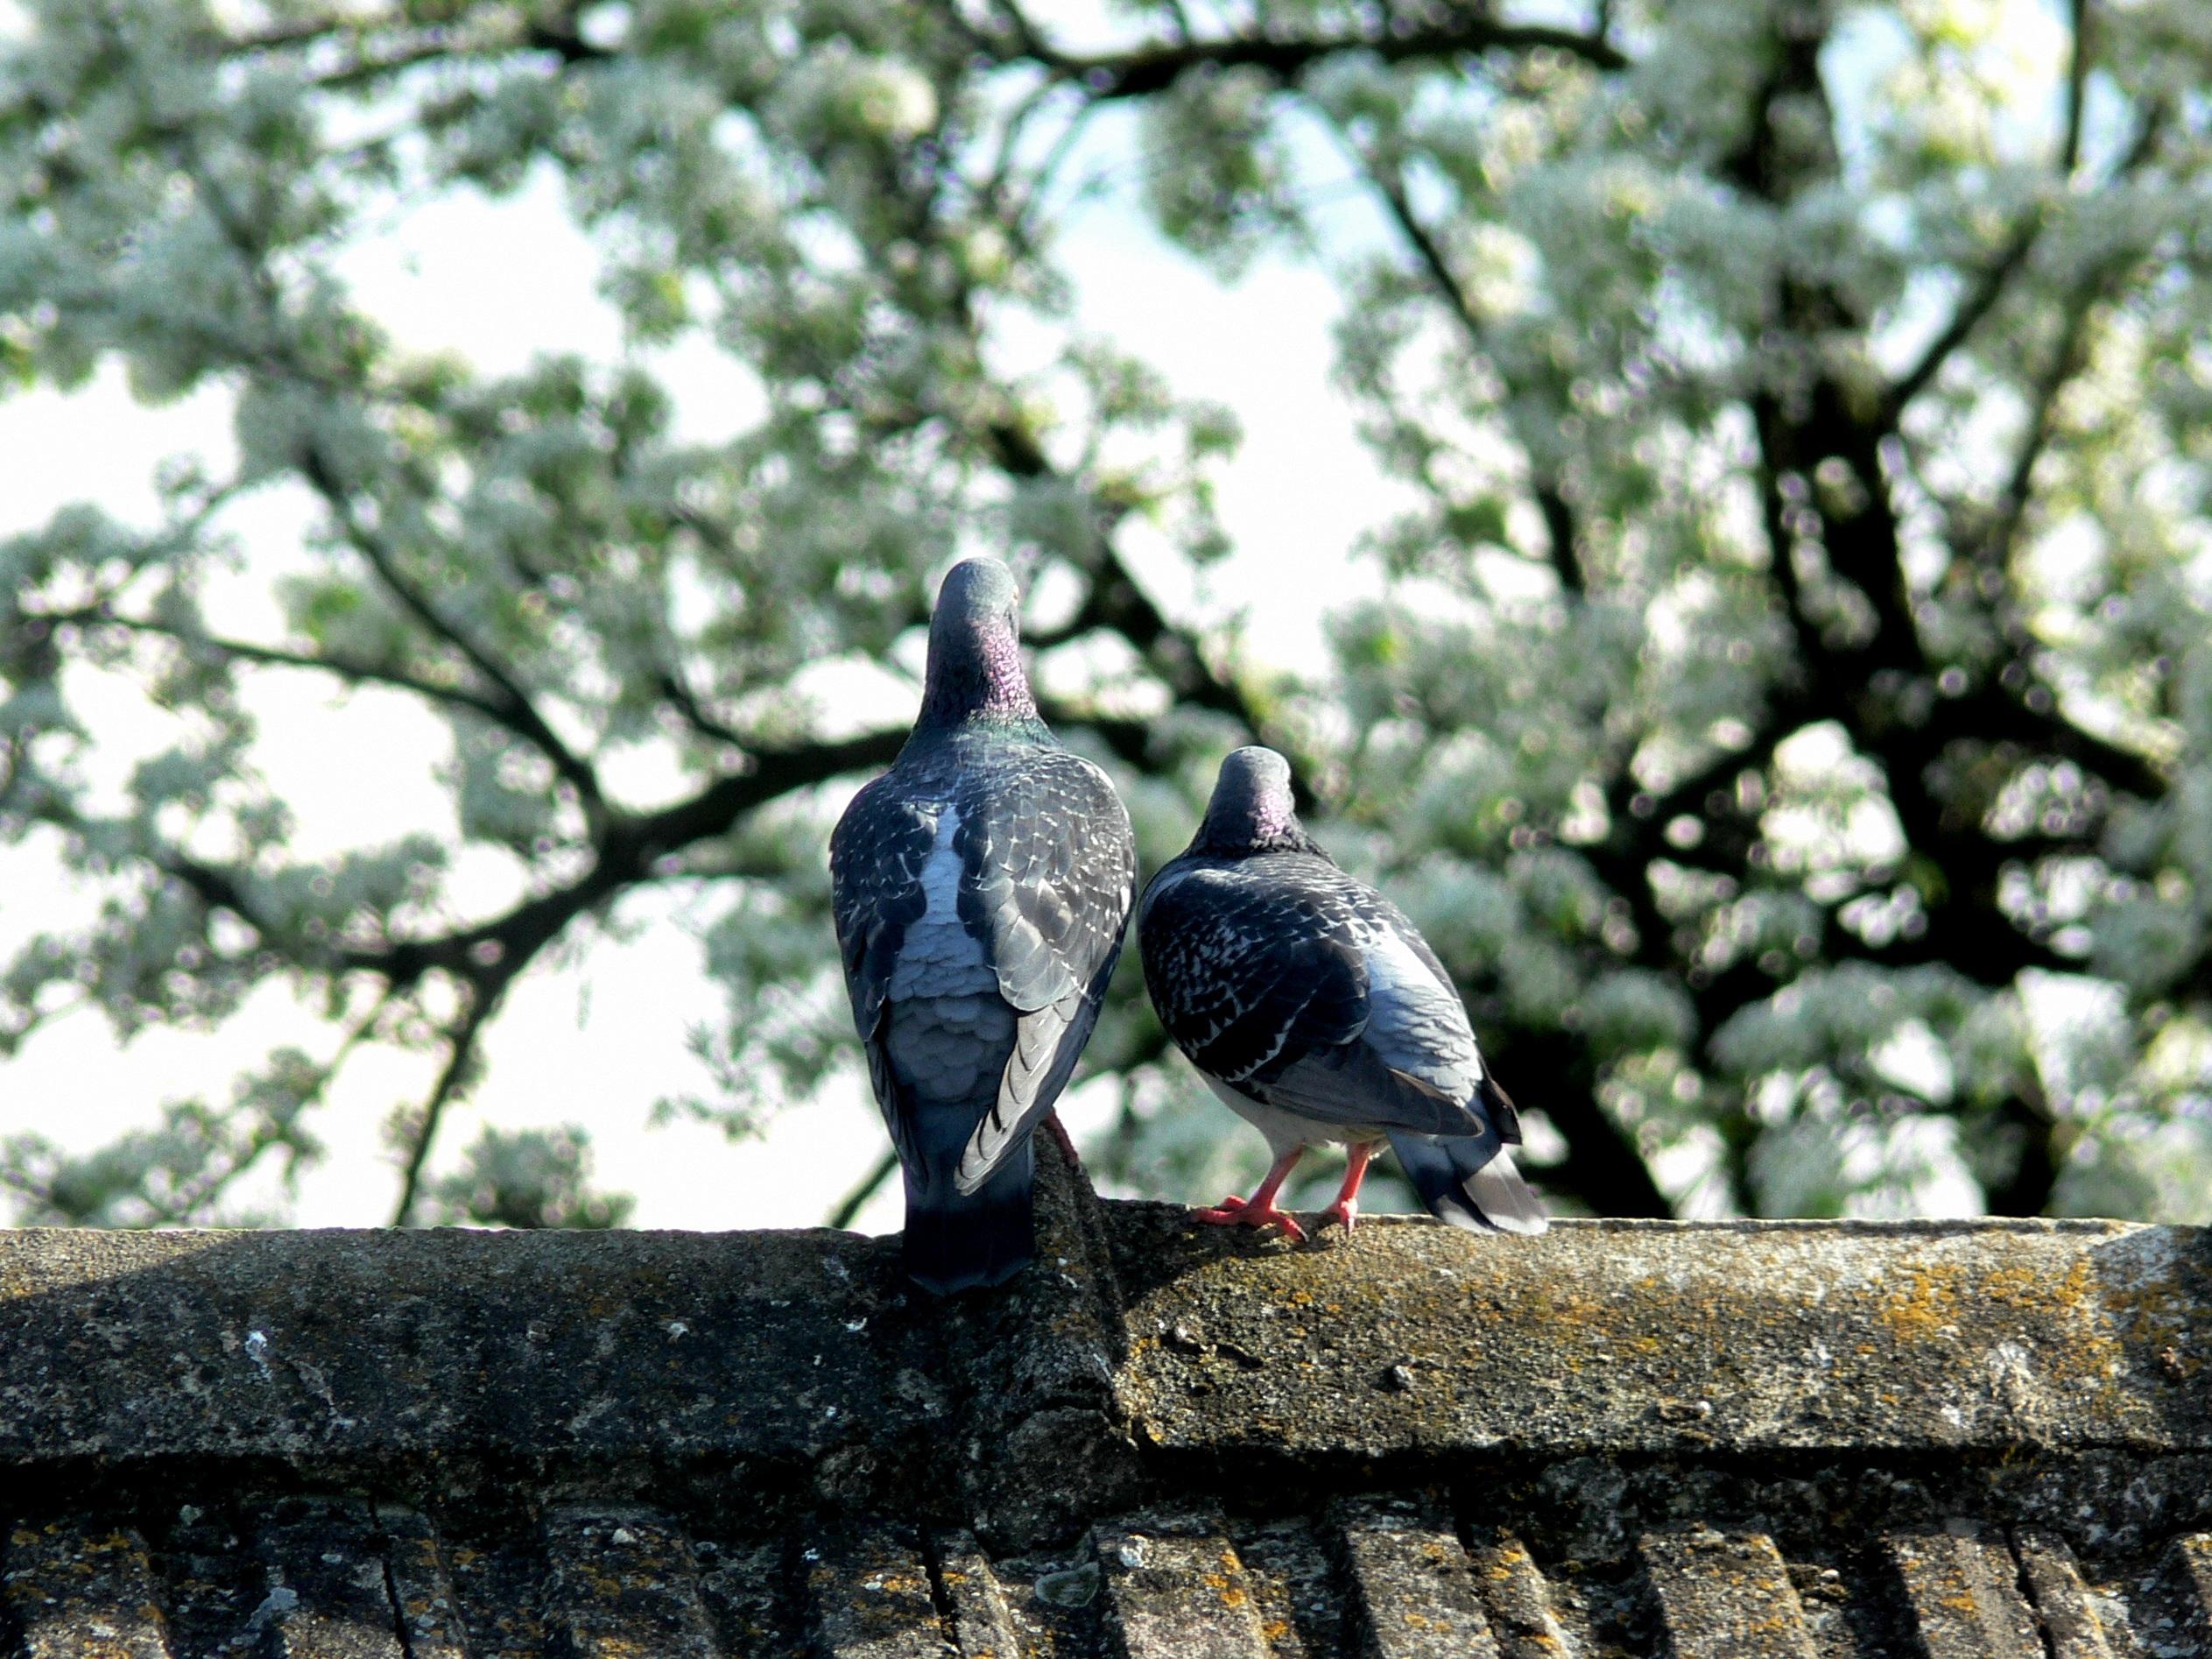 1010 Foto Gambar Burung Merpati Dan Bunga  Terbaik Free